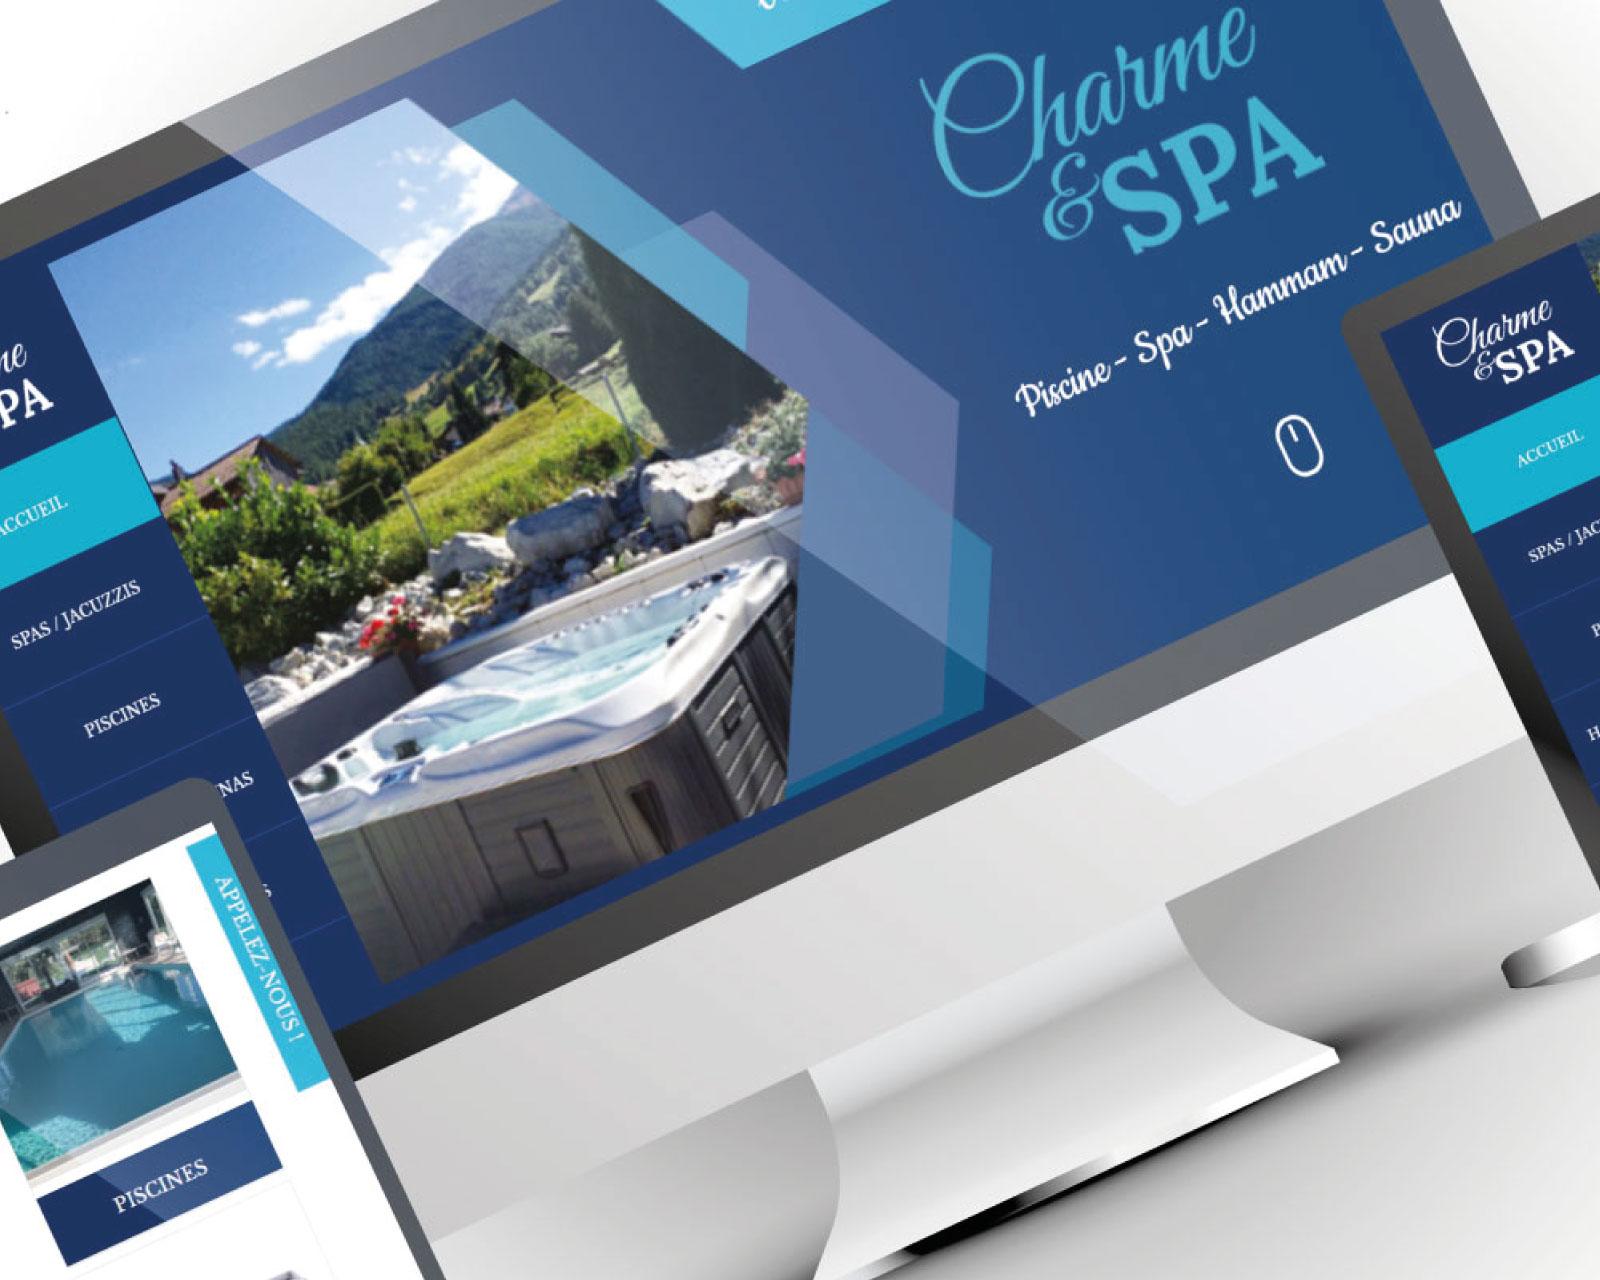 Création site catalogue de spas piscines Charme et Spa Tours